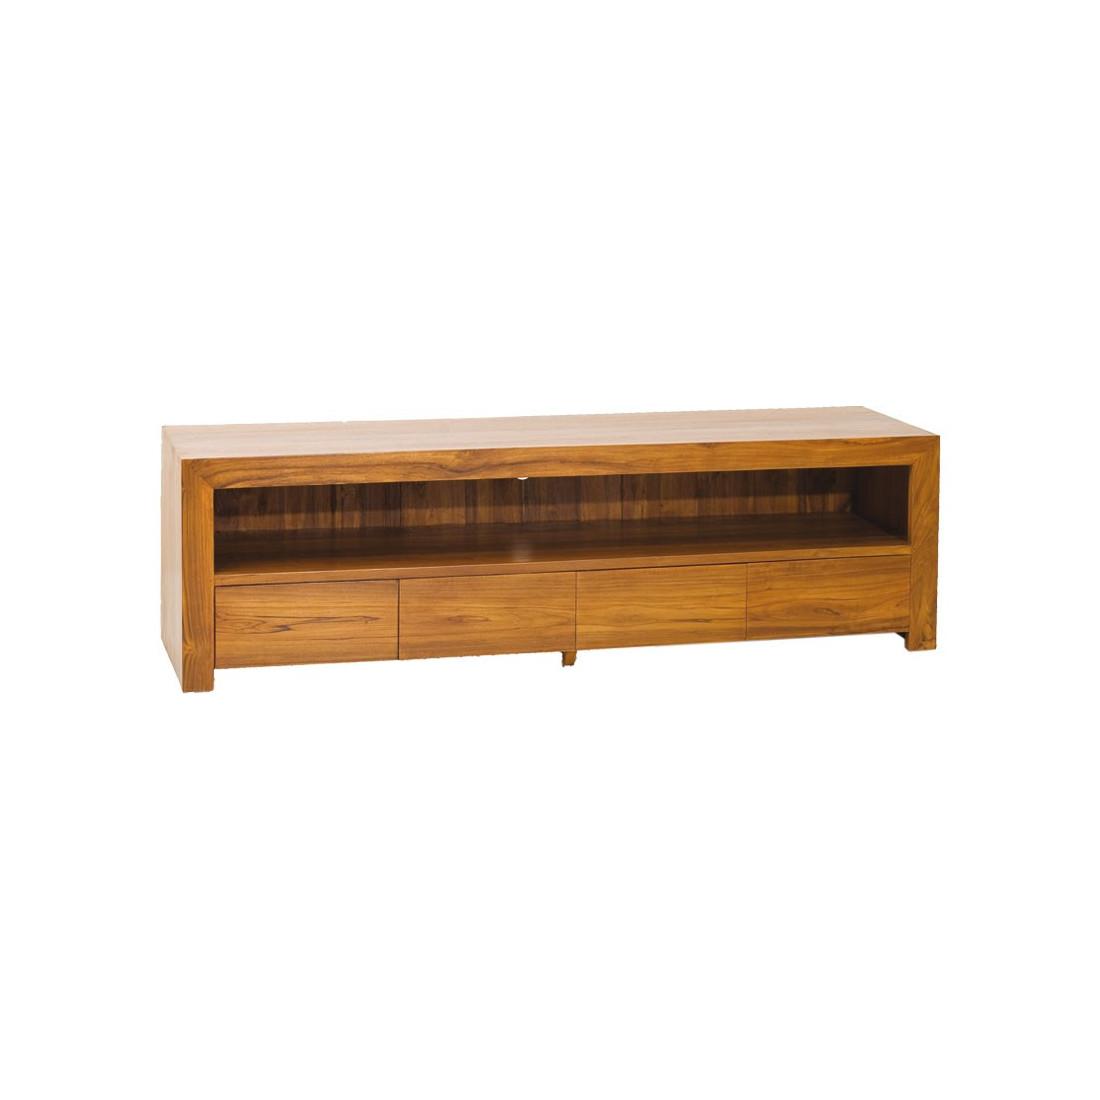 Meuble Tv Bas En Teck : Salon gt meubles tv meuble tiroirs en teck ...